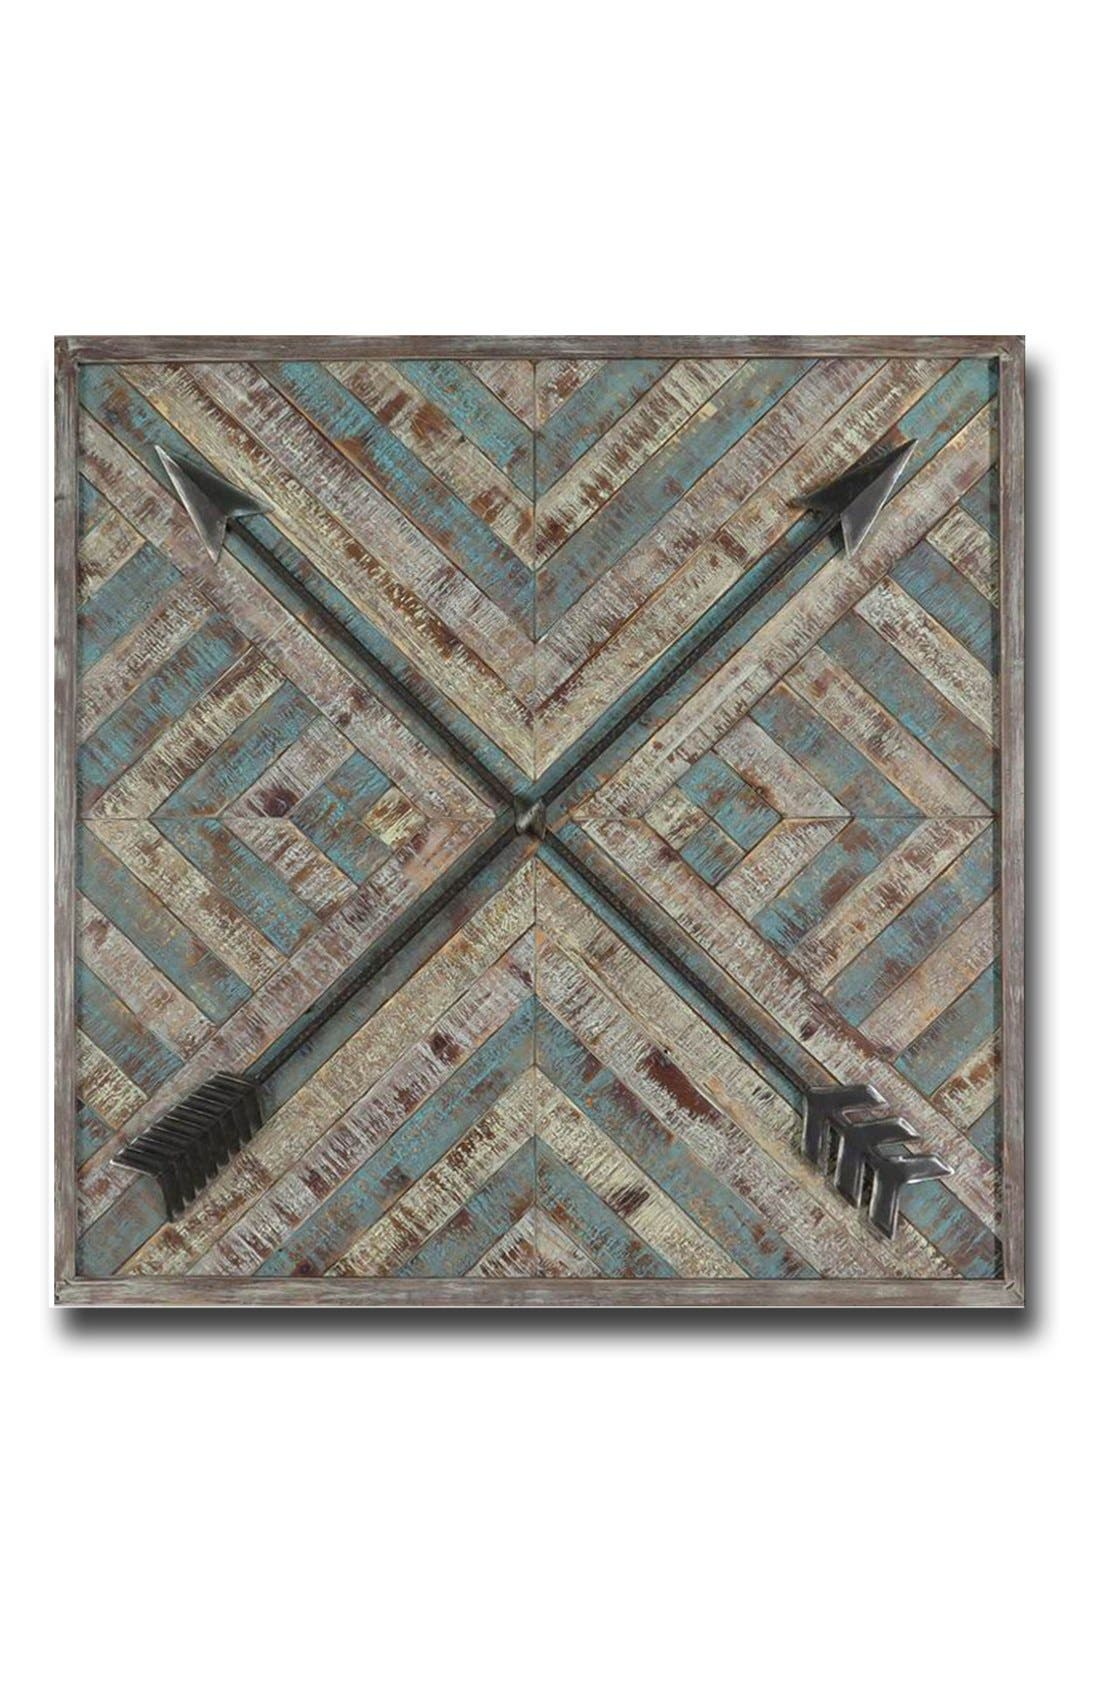 Alternate Image 1 Selected - Crystal Art Gallery 'Wood & Metal Arrows' Wall Art